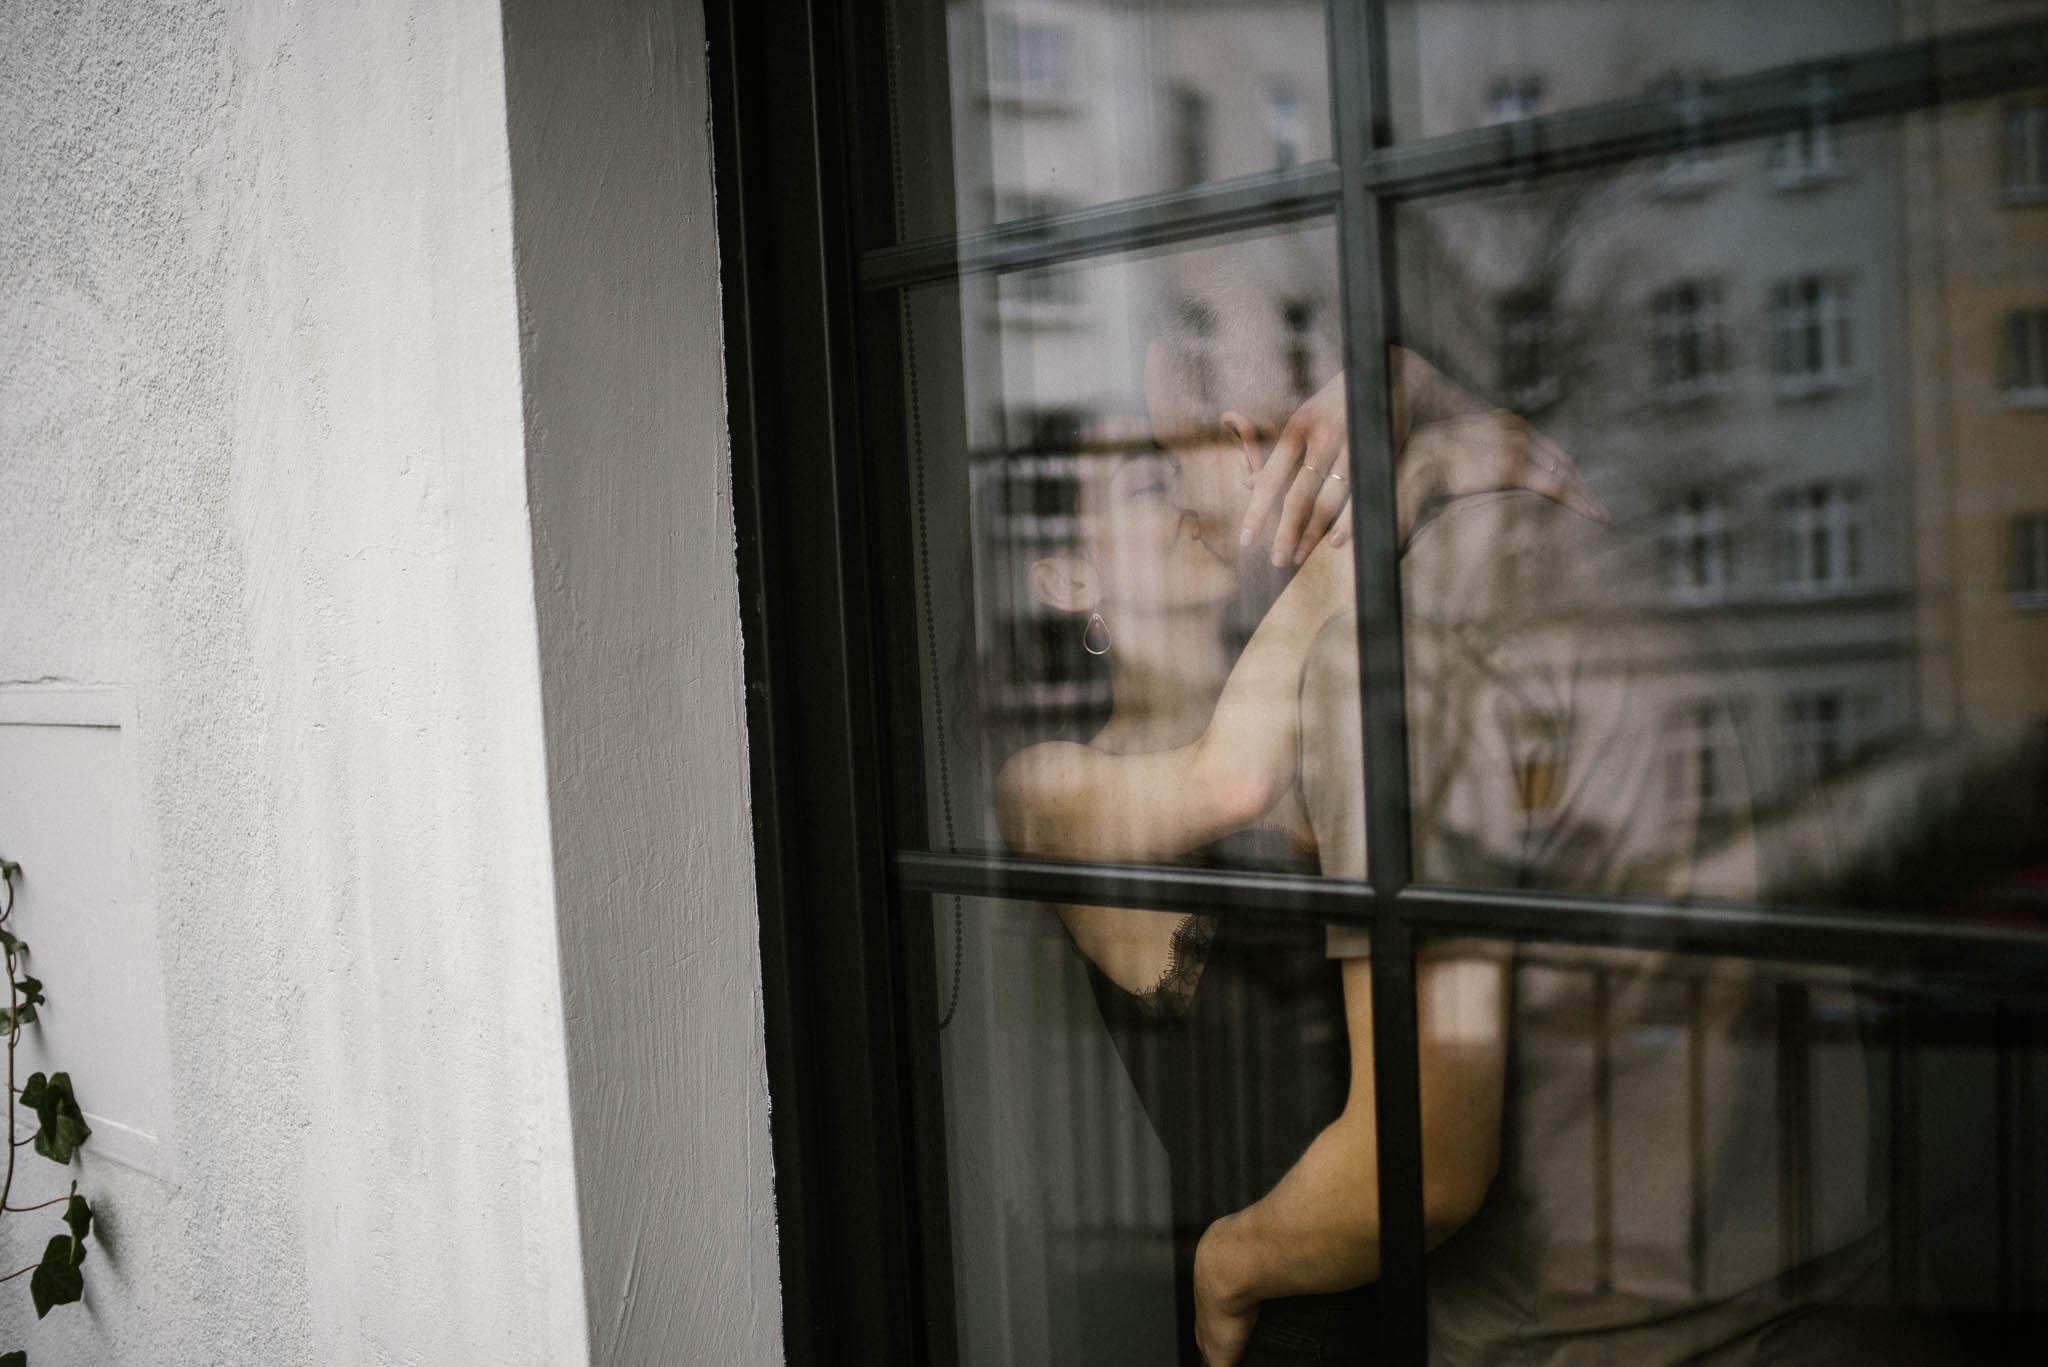 Chłopak całuje dziewczynę przy oknie - sesja sensualna pary lifestyle w Poznaniu